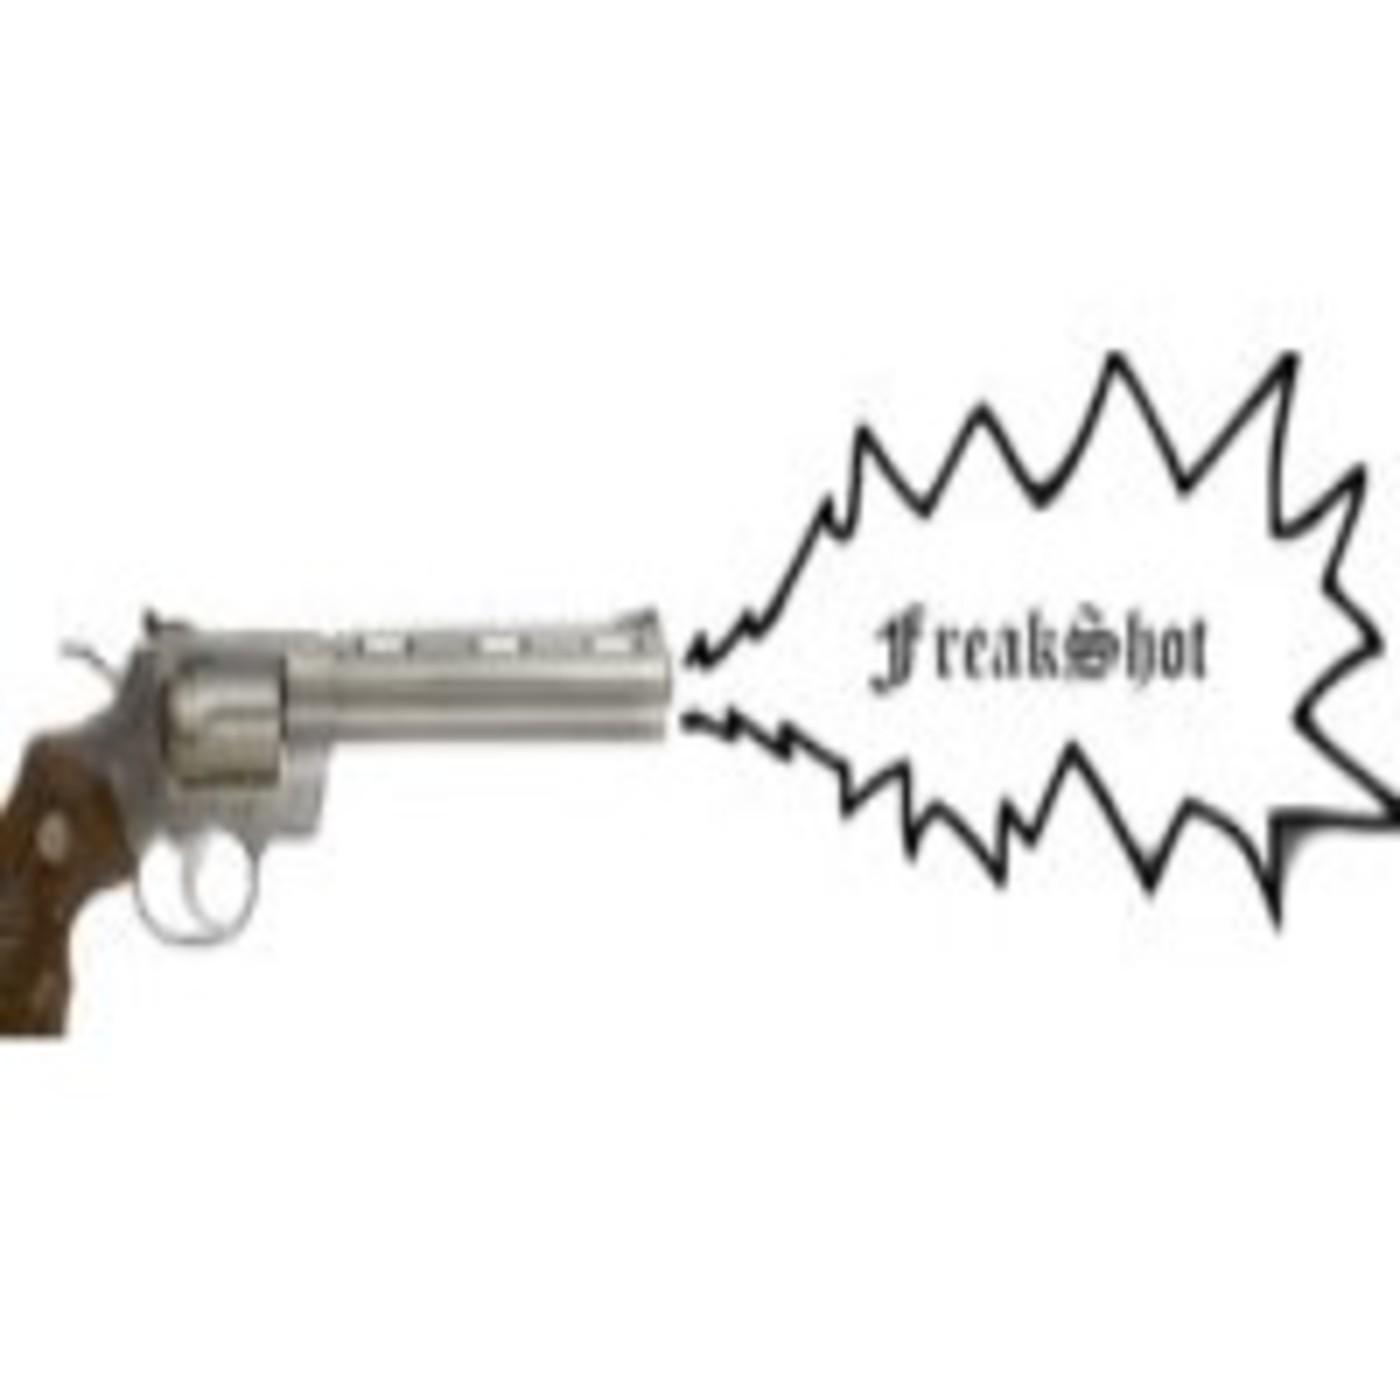 <![CDATA[FreakShot]]>